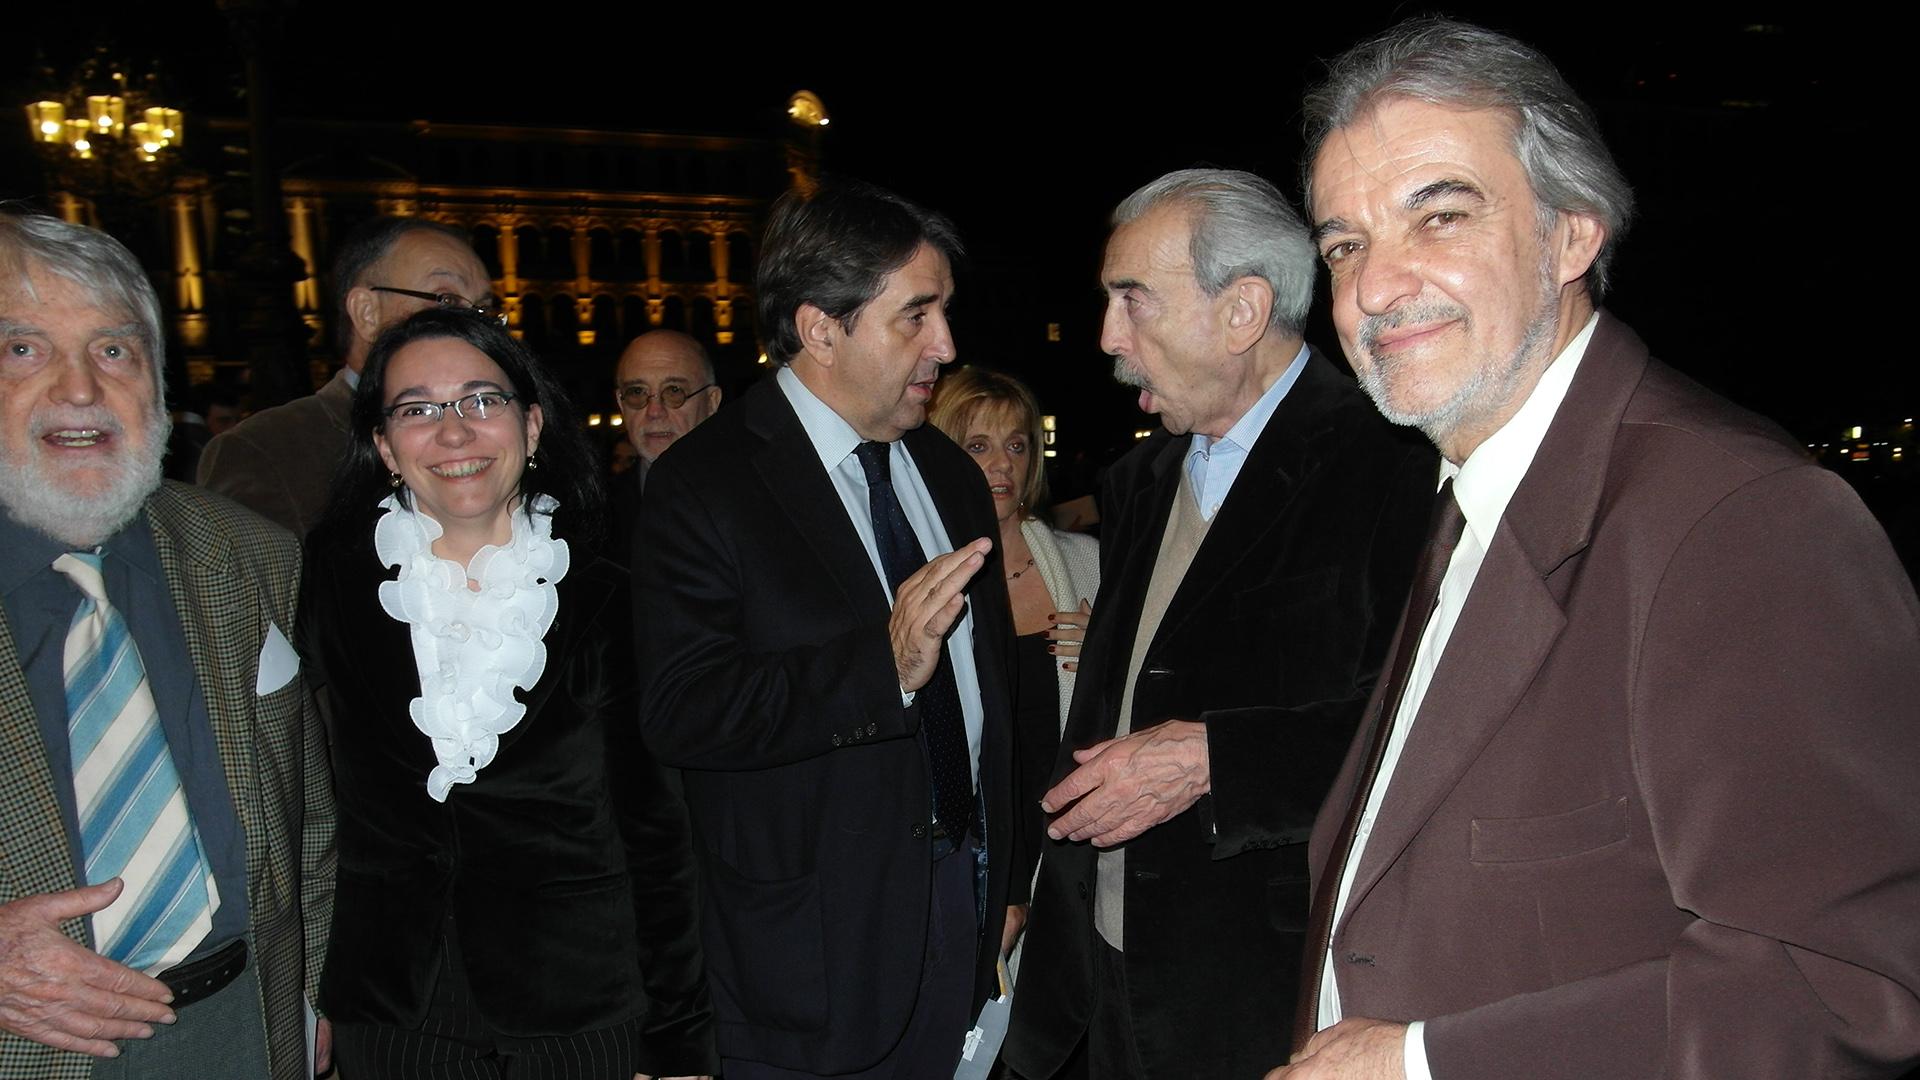 Osvaldo Bayer, Analía Argento, el periodista español Antoni Traveria, Juan Gelman y Rodolfo Mederos